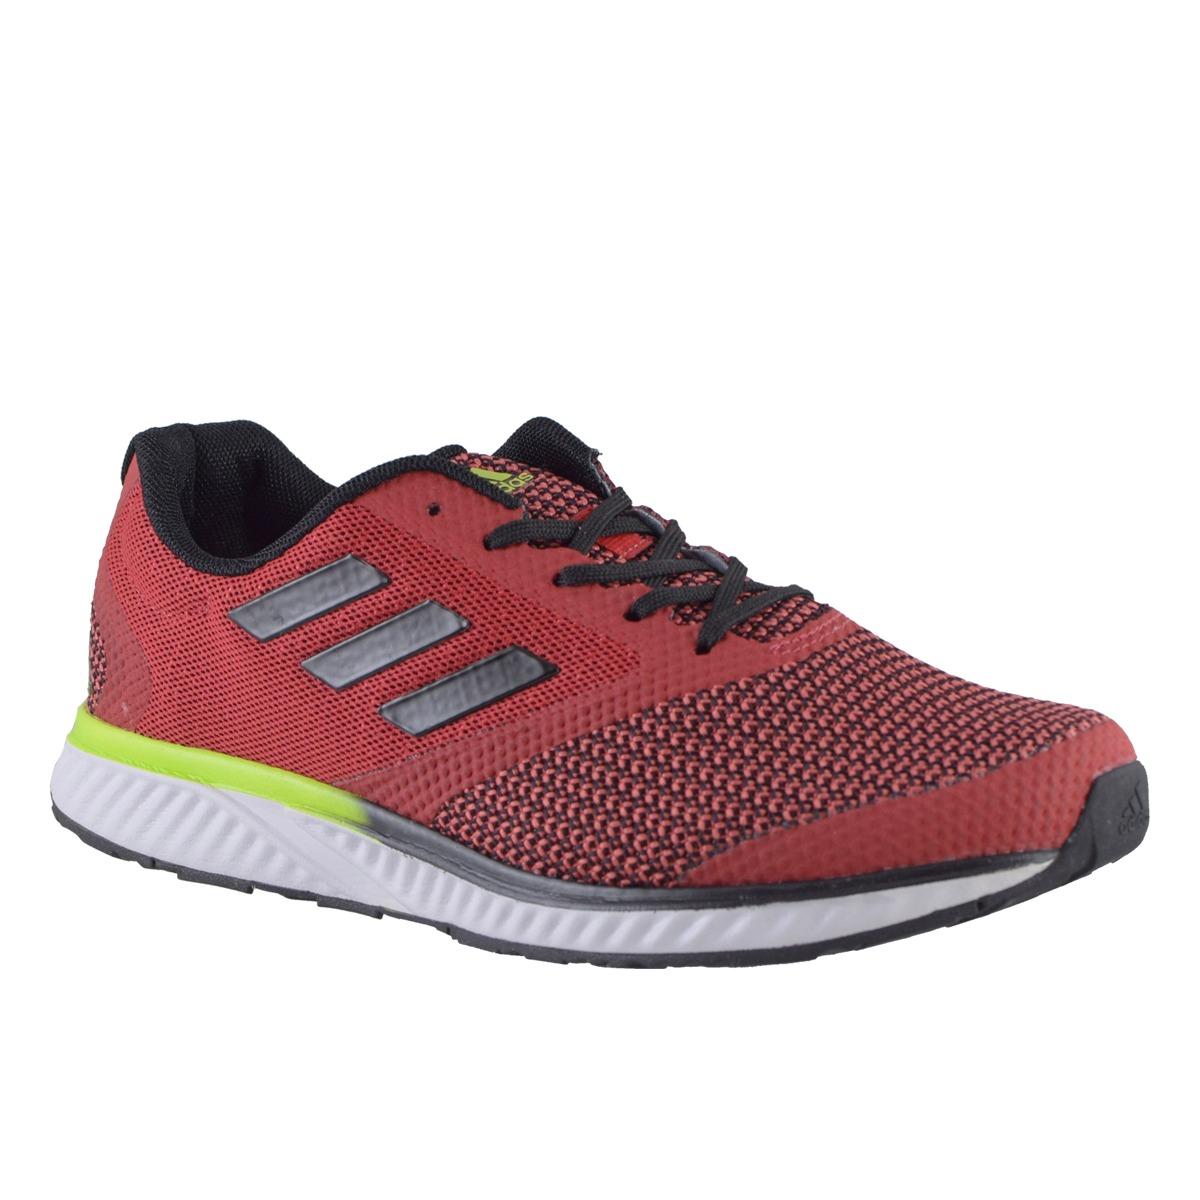 zapatillas adidas edge rc hombre rojo. Cargando zoom. 5b4b8572c57